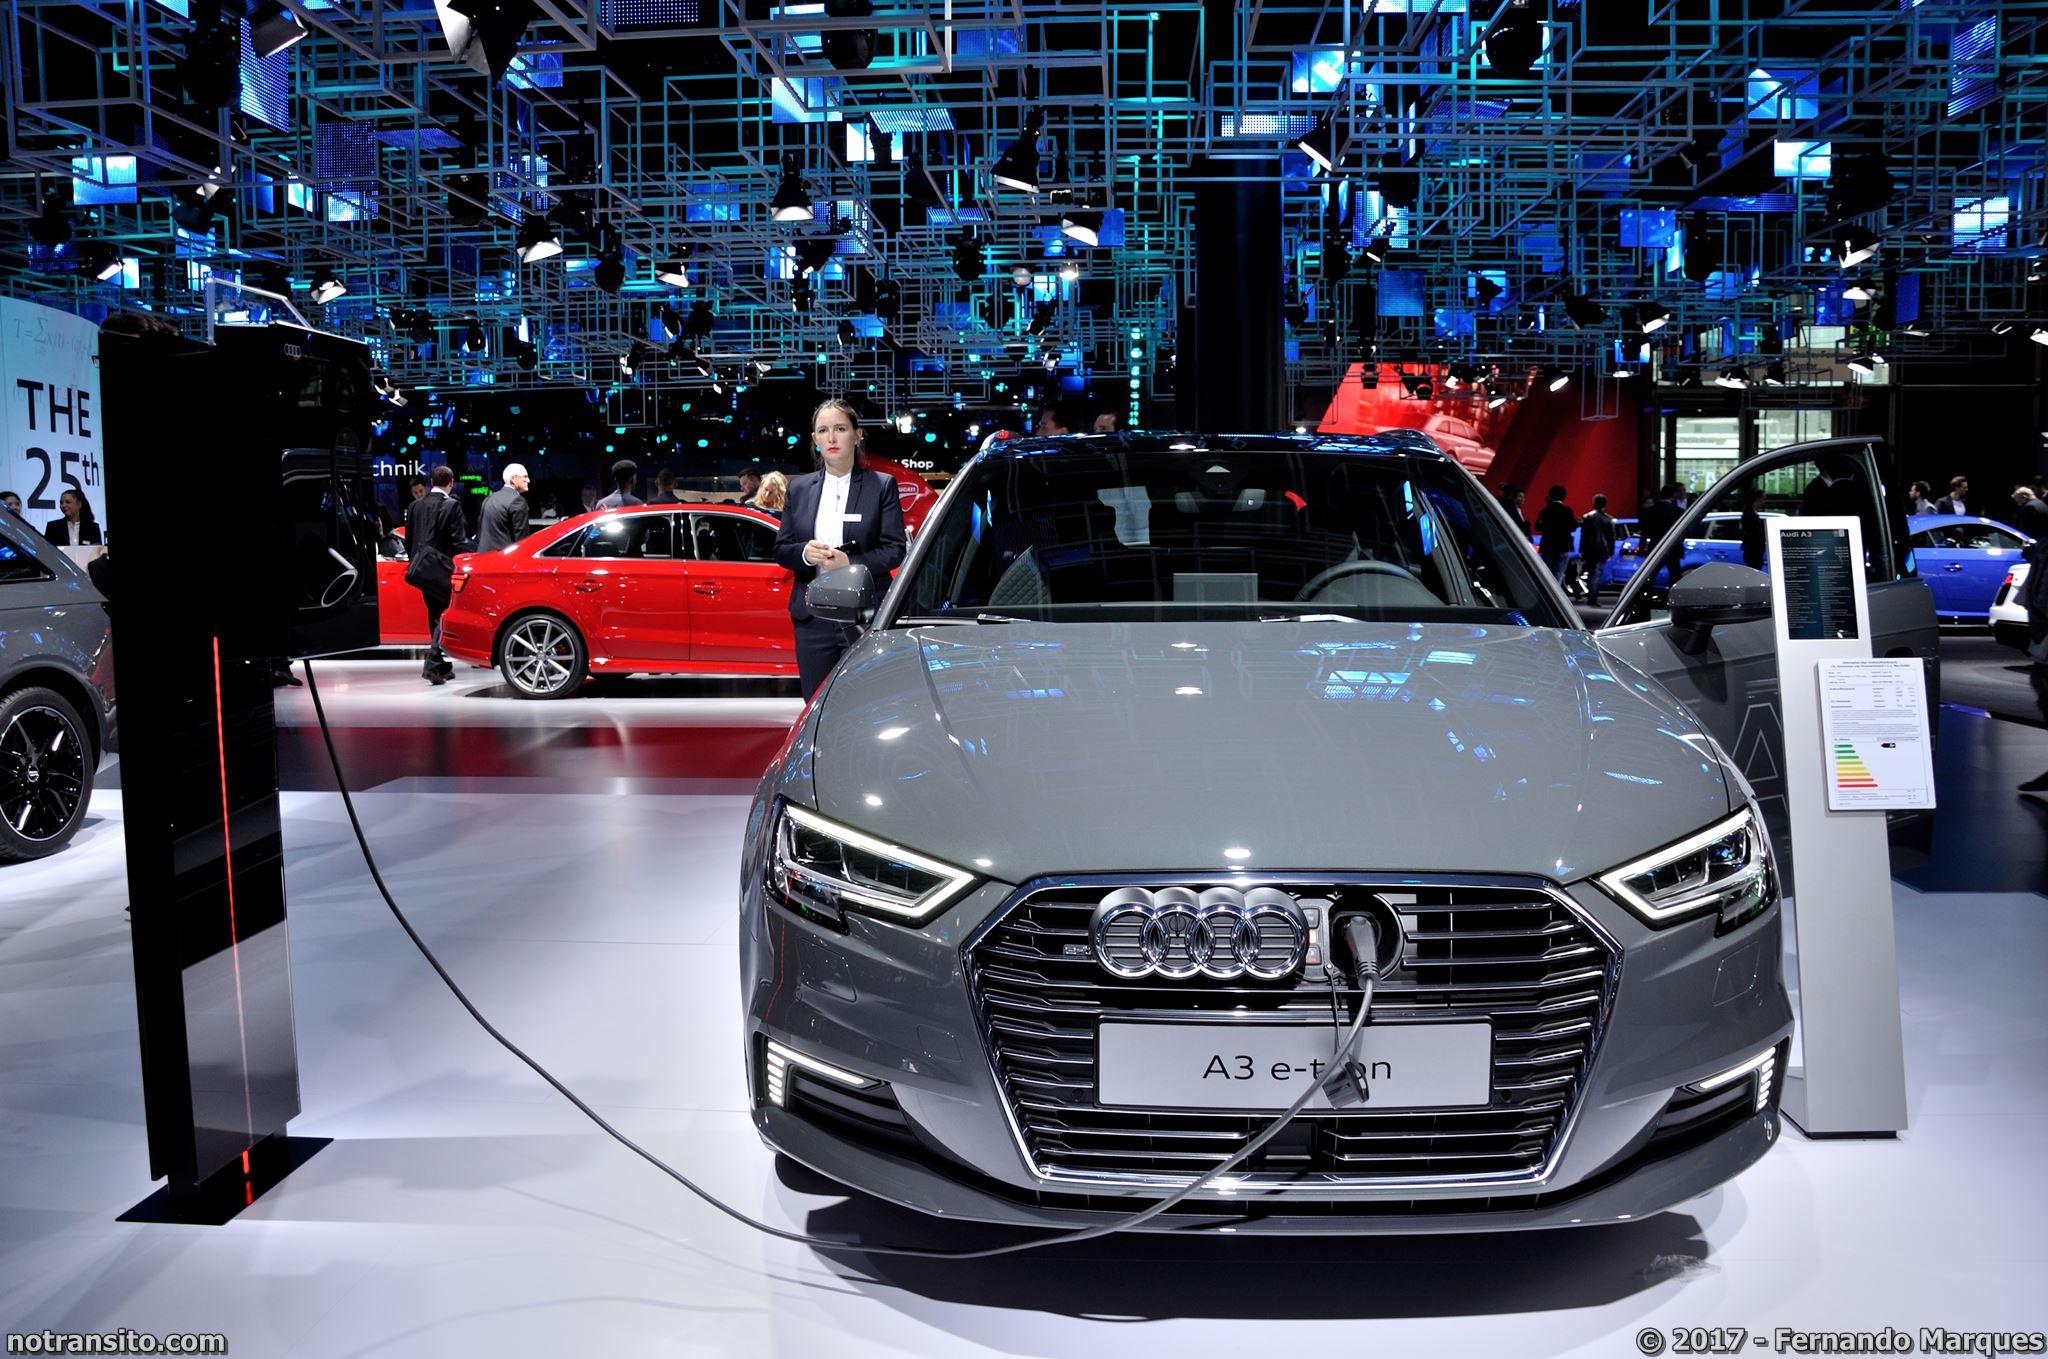 Audi-e-tron-Frankfurt-2017-001